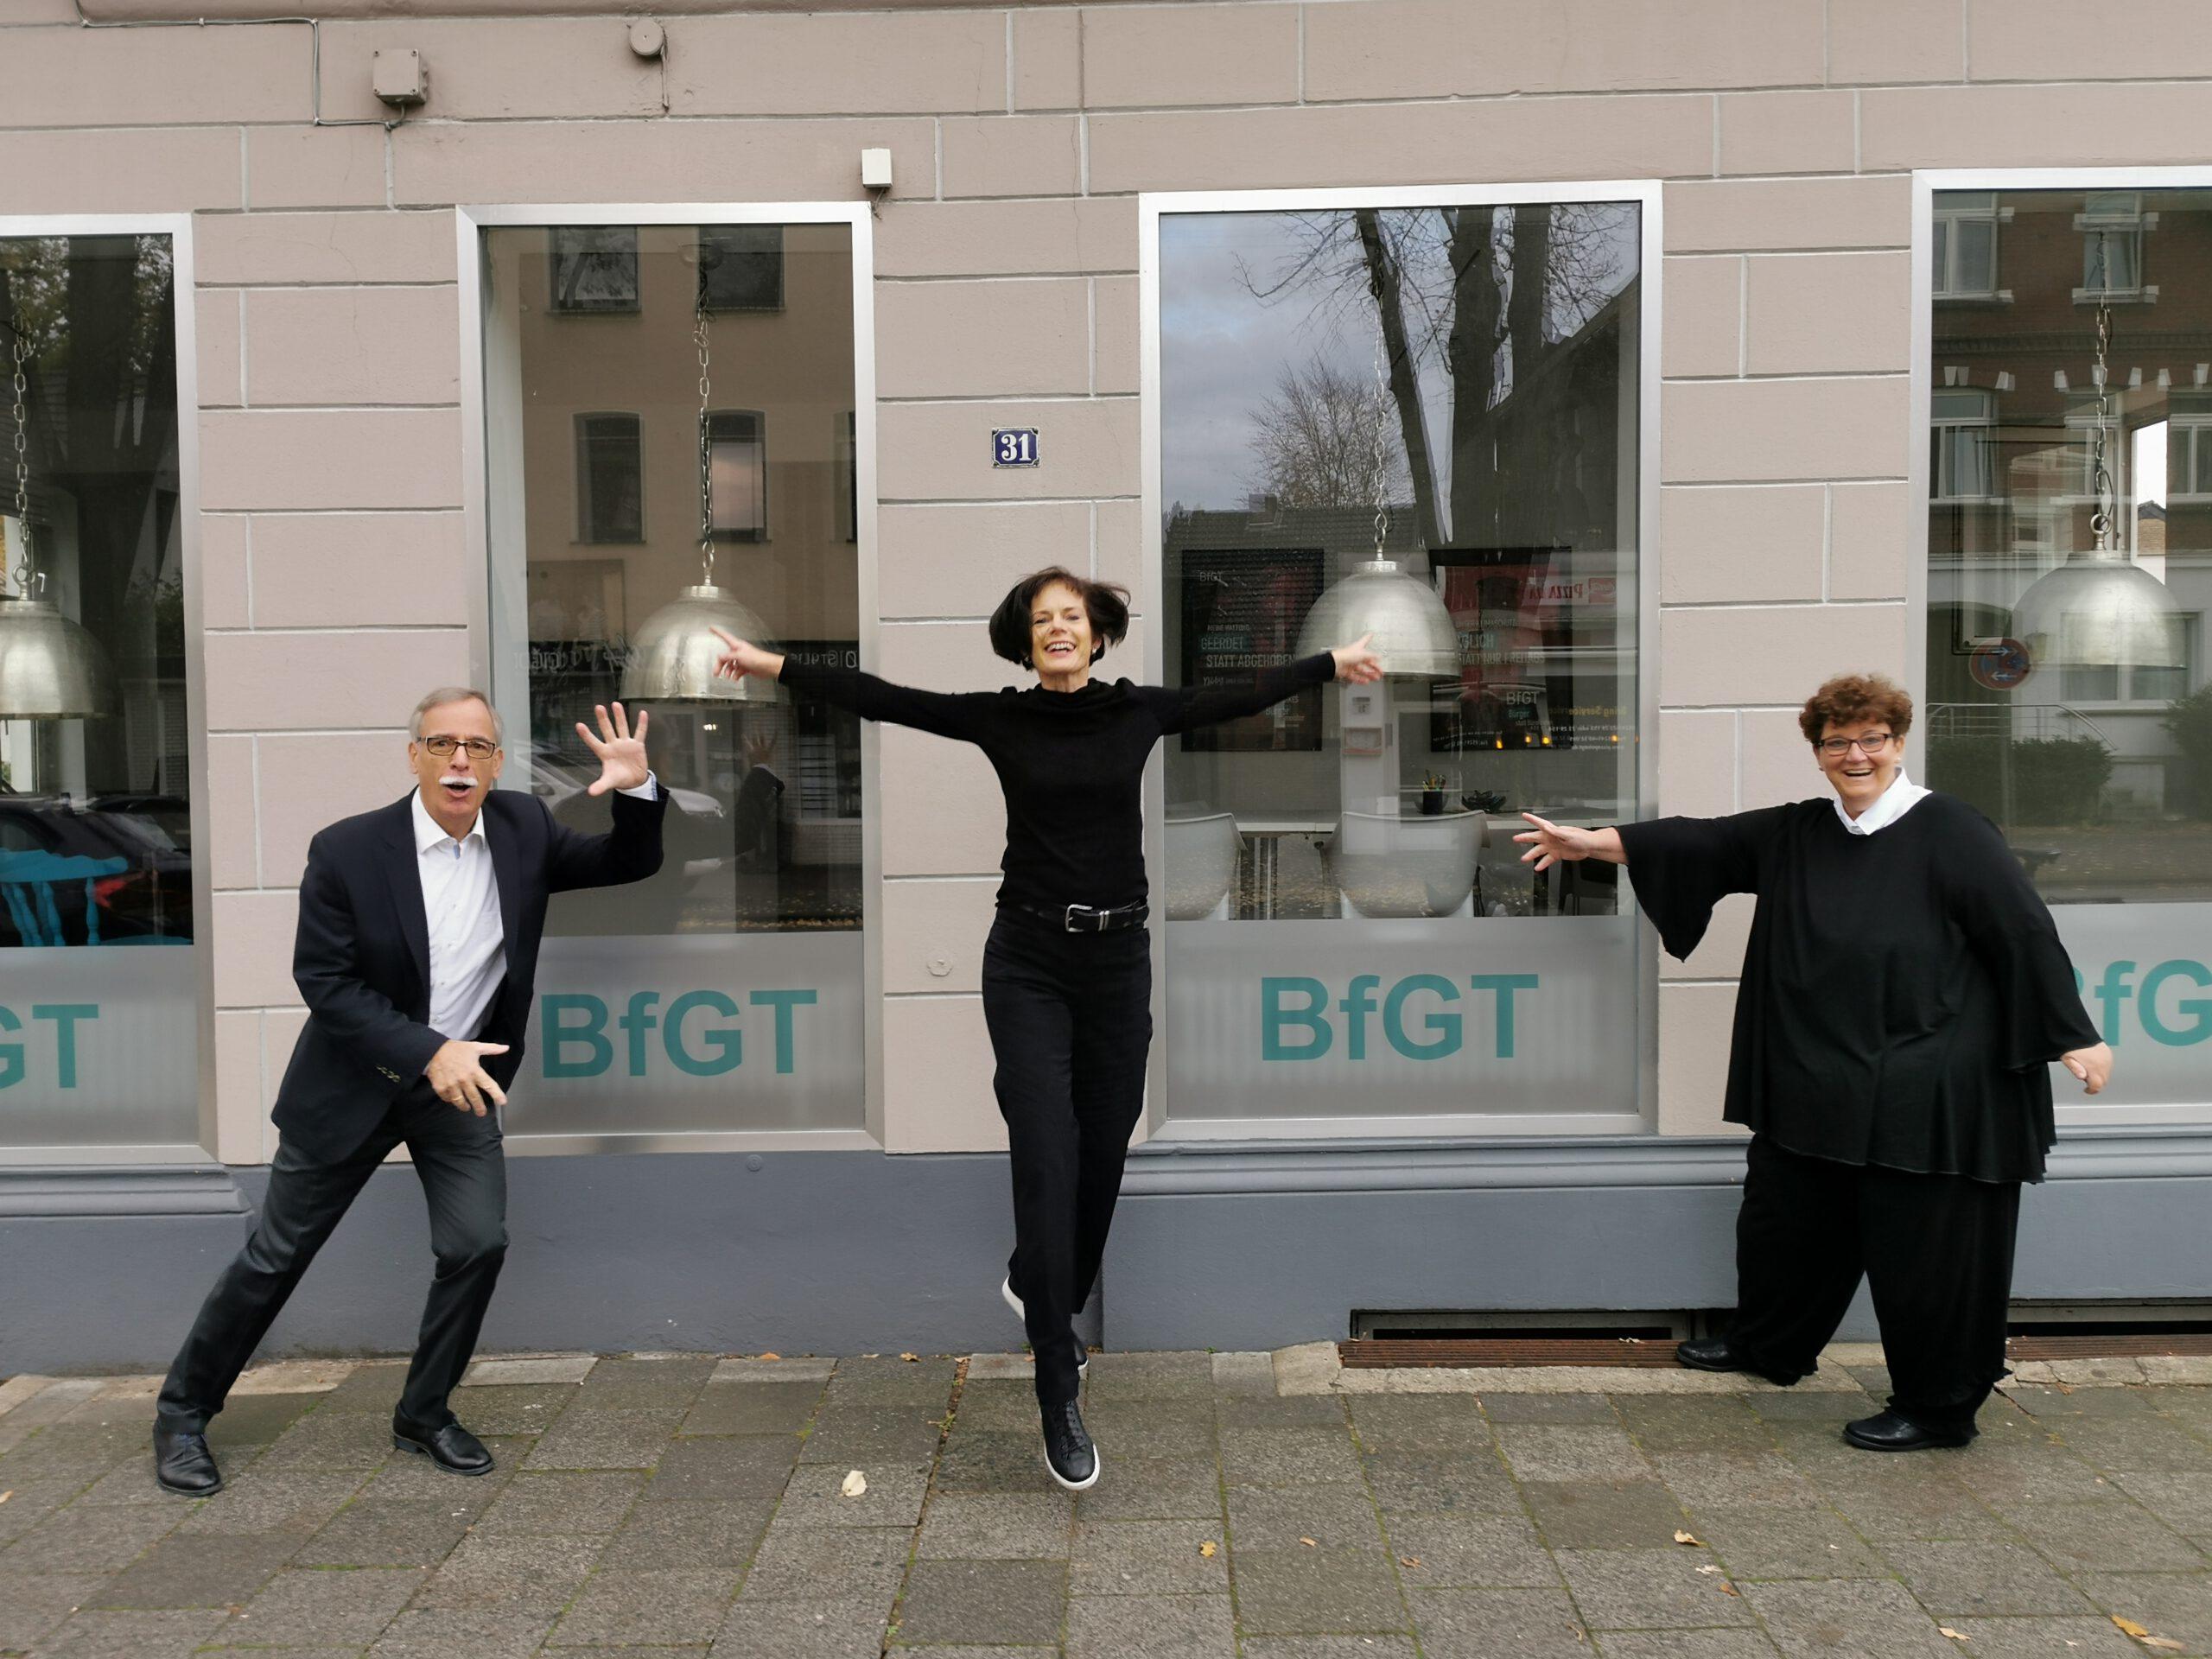 Doppelspitze führt die BfGT-Ratsfraktion in der neuen Ratsperiode